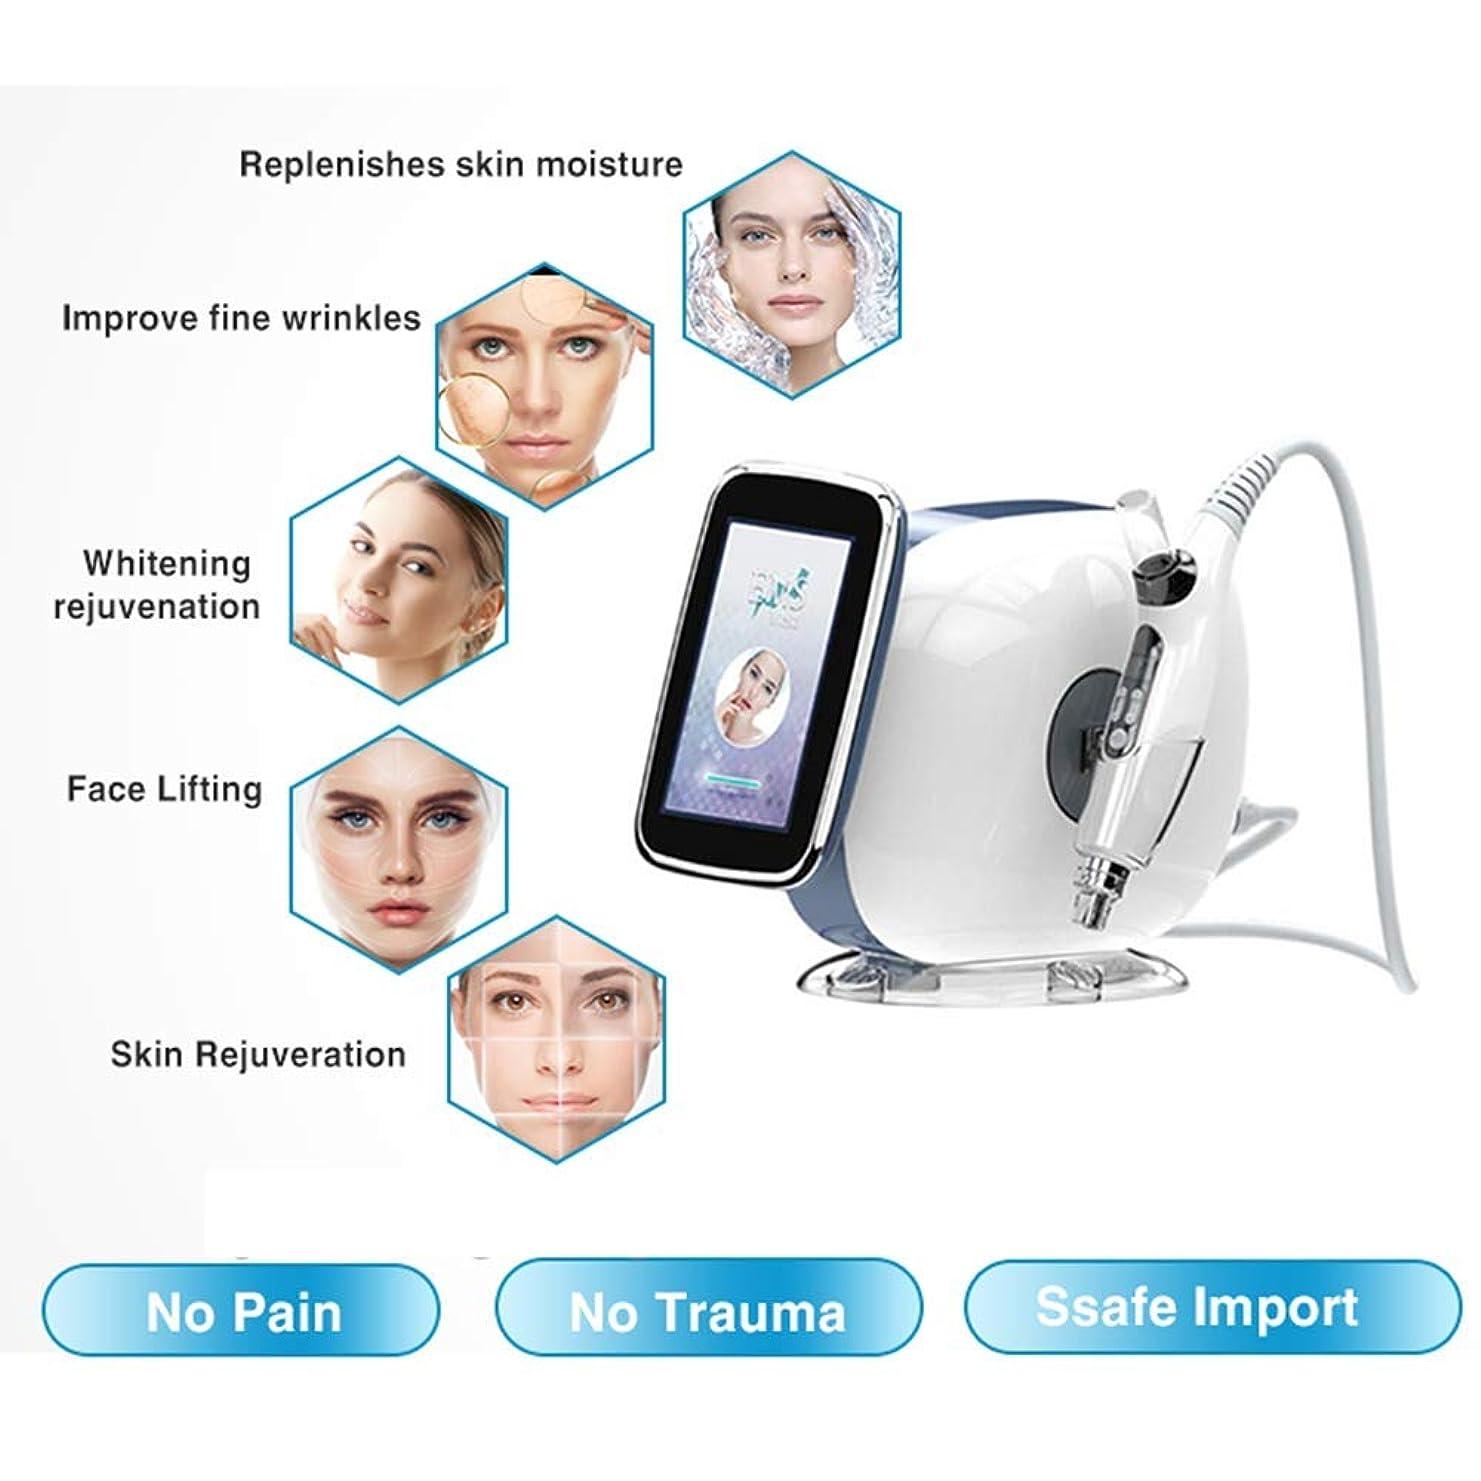 薬剤師書く一生顔の皮の美容院の鉱泉機械、3-In-1Portableの手持ち型の高周波皮療法、EMS、FR、皮のきつく締まること、しわの減少